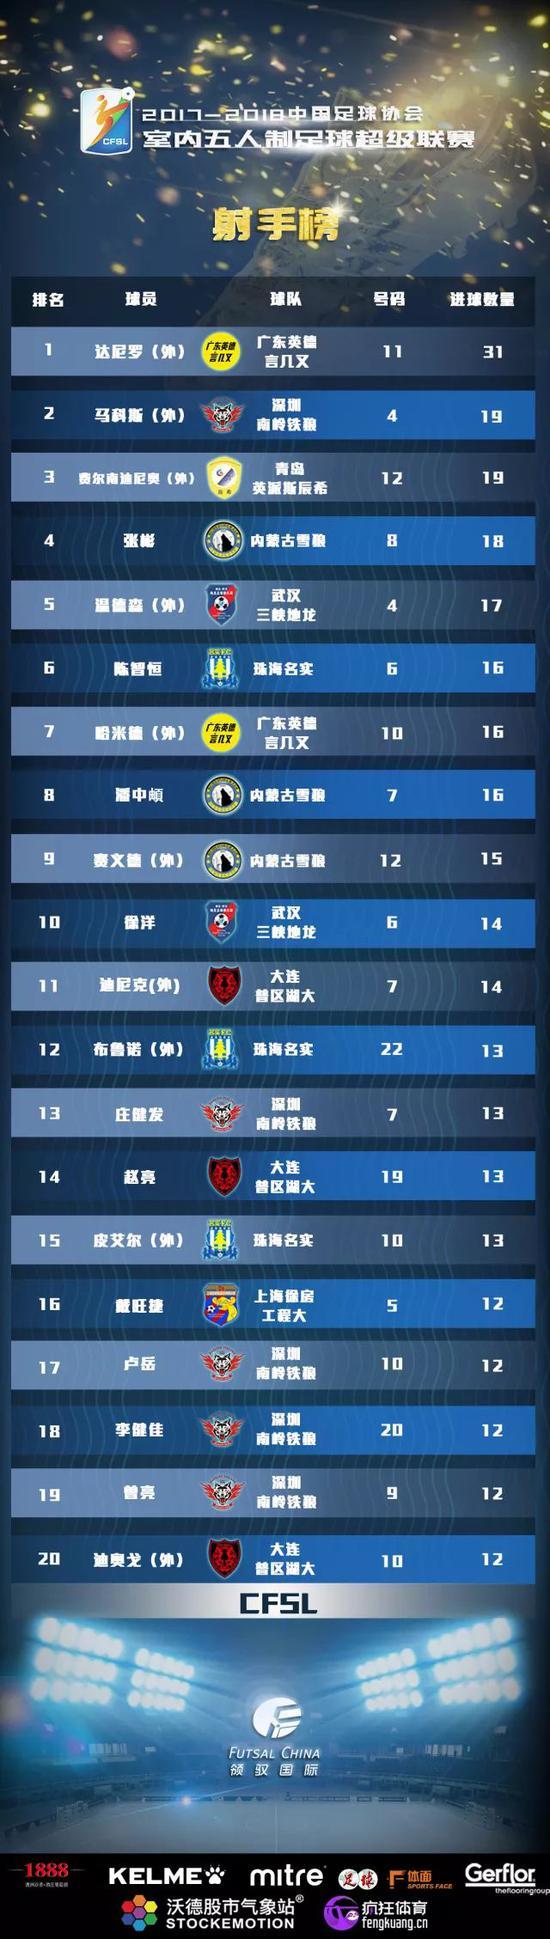 五超联赛第16轮详细战报:武汉队祭出超人战术